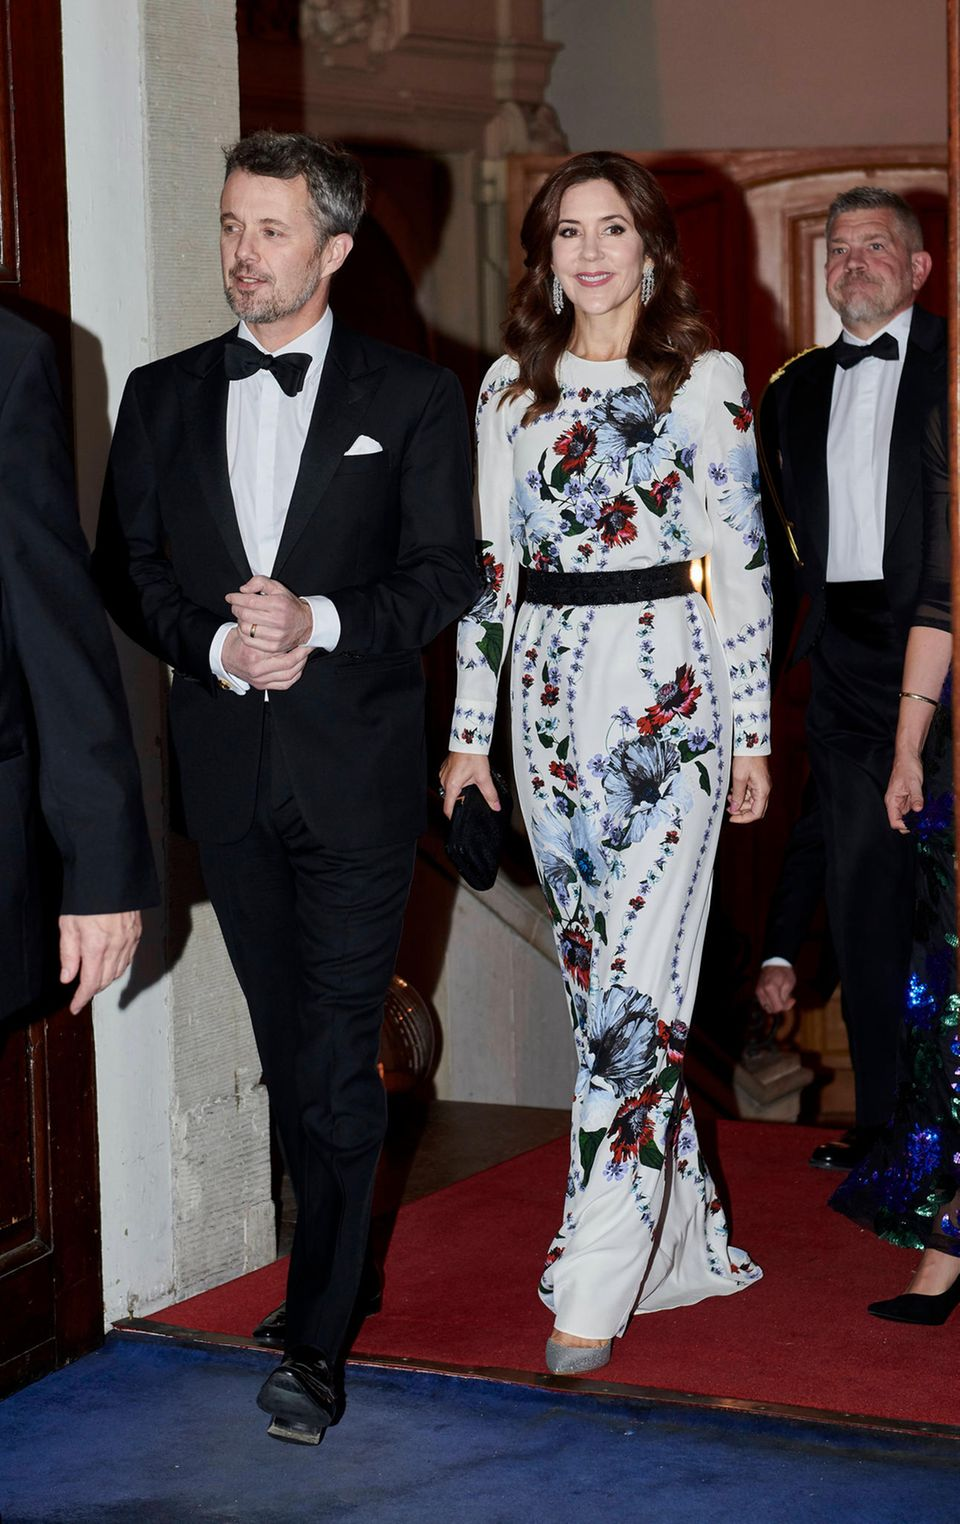 """Bei einer Gala zum 20. Jubiläum der amerikanischen Handelskammer im Moltkes Palais inKopenhagen, Dänemark, setzt Kronprinzessin Mary auf ein wunderschönes Abendkleid mit abstraktemBlumendruck. Das KleidvomLuxuslabel """"Erdem"""" trägt die dänische Prinzessin allerdings nicht zum ersten Mal ..."""